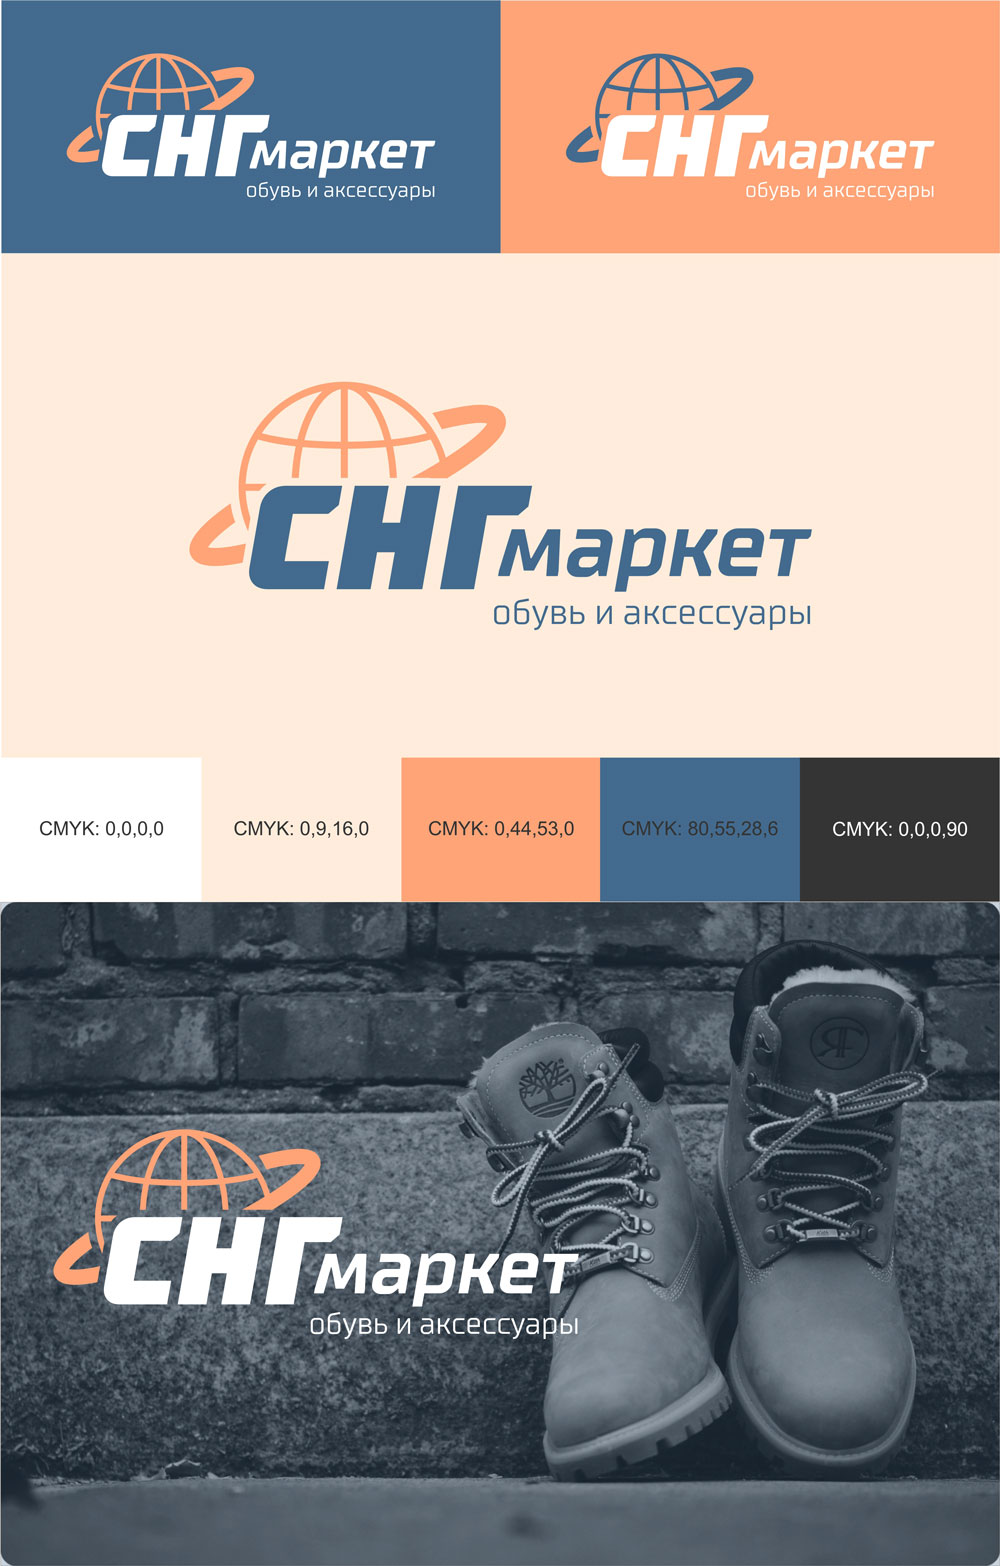 Объявляется конкурс на создание логотипа ИМ обуви фото f_4445a128ea20ddb0.jpg